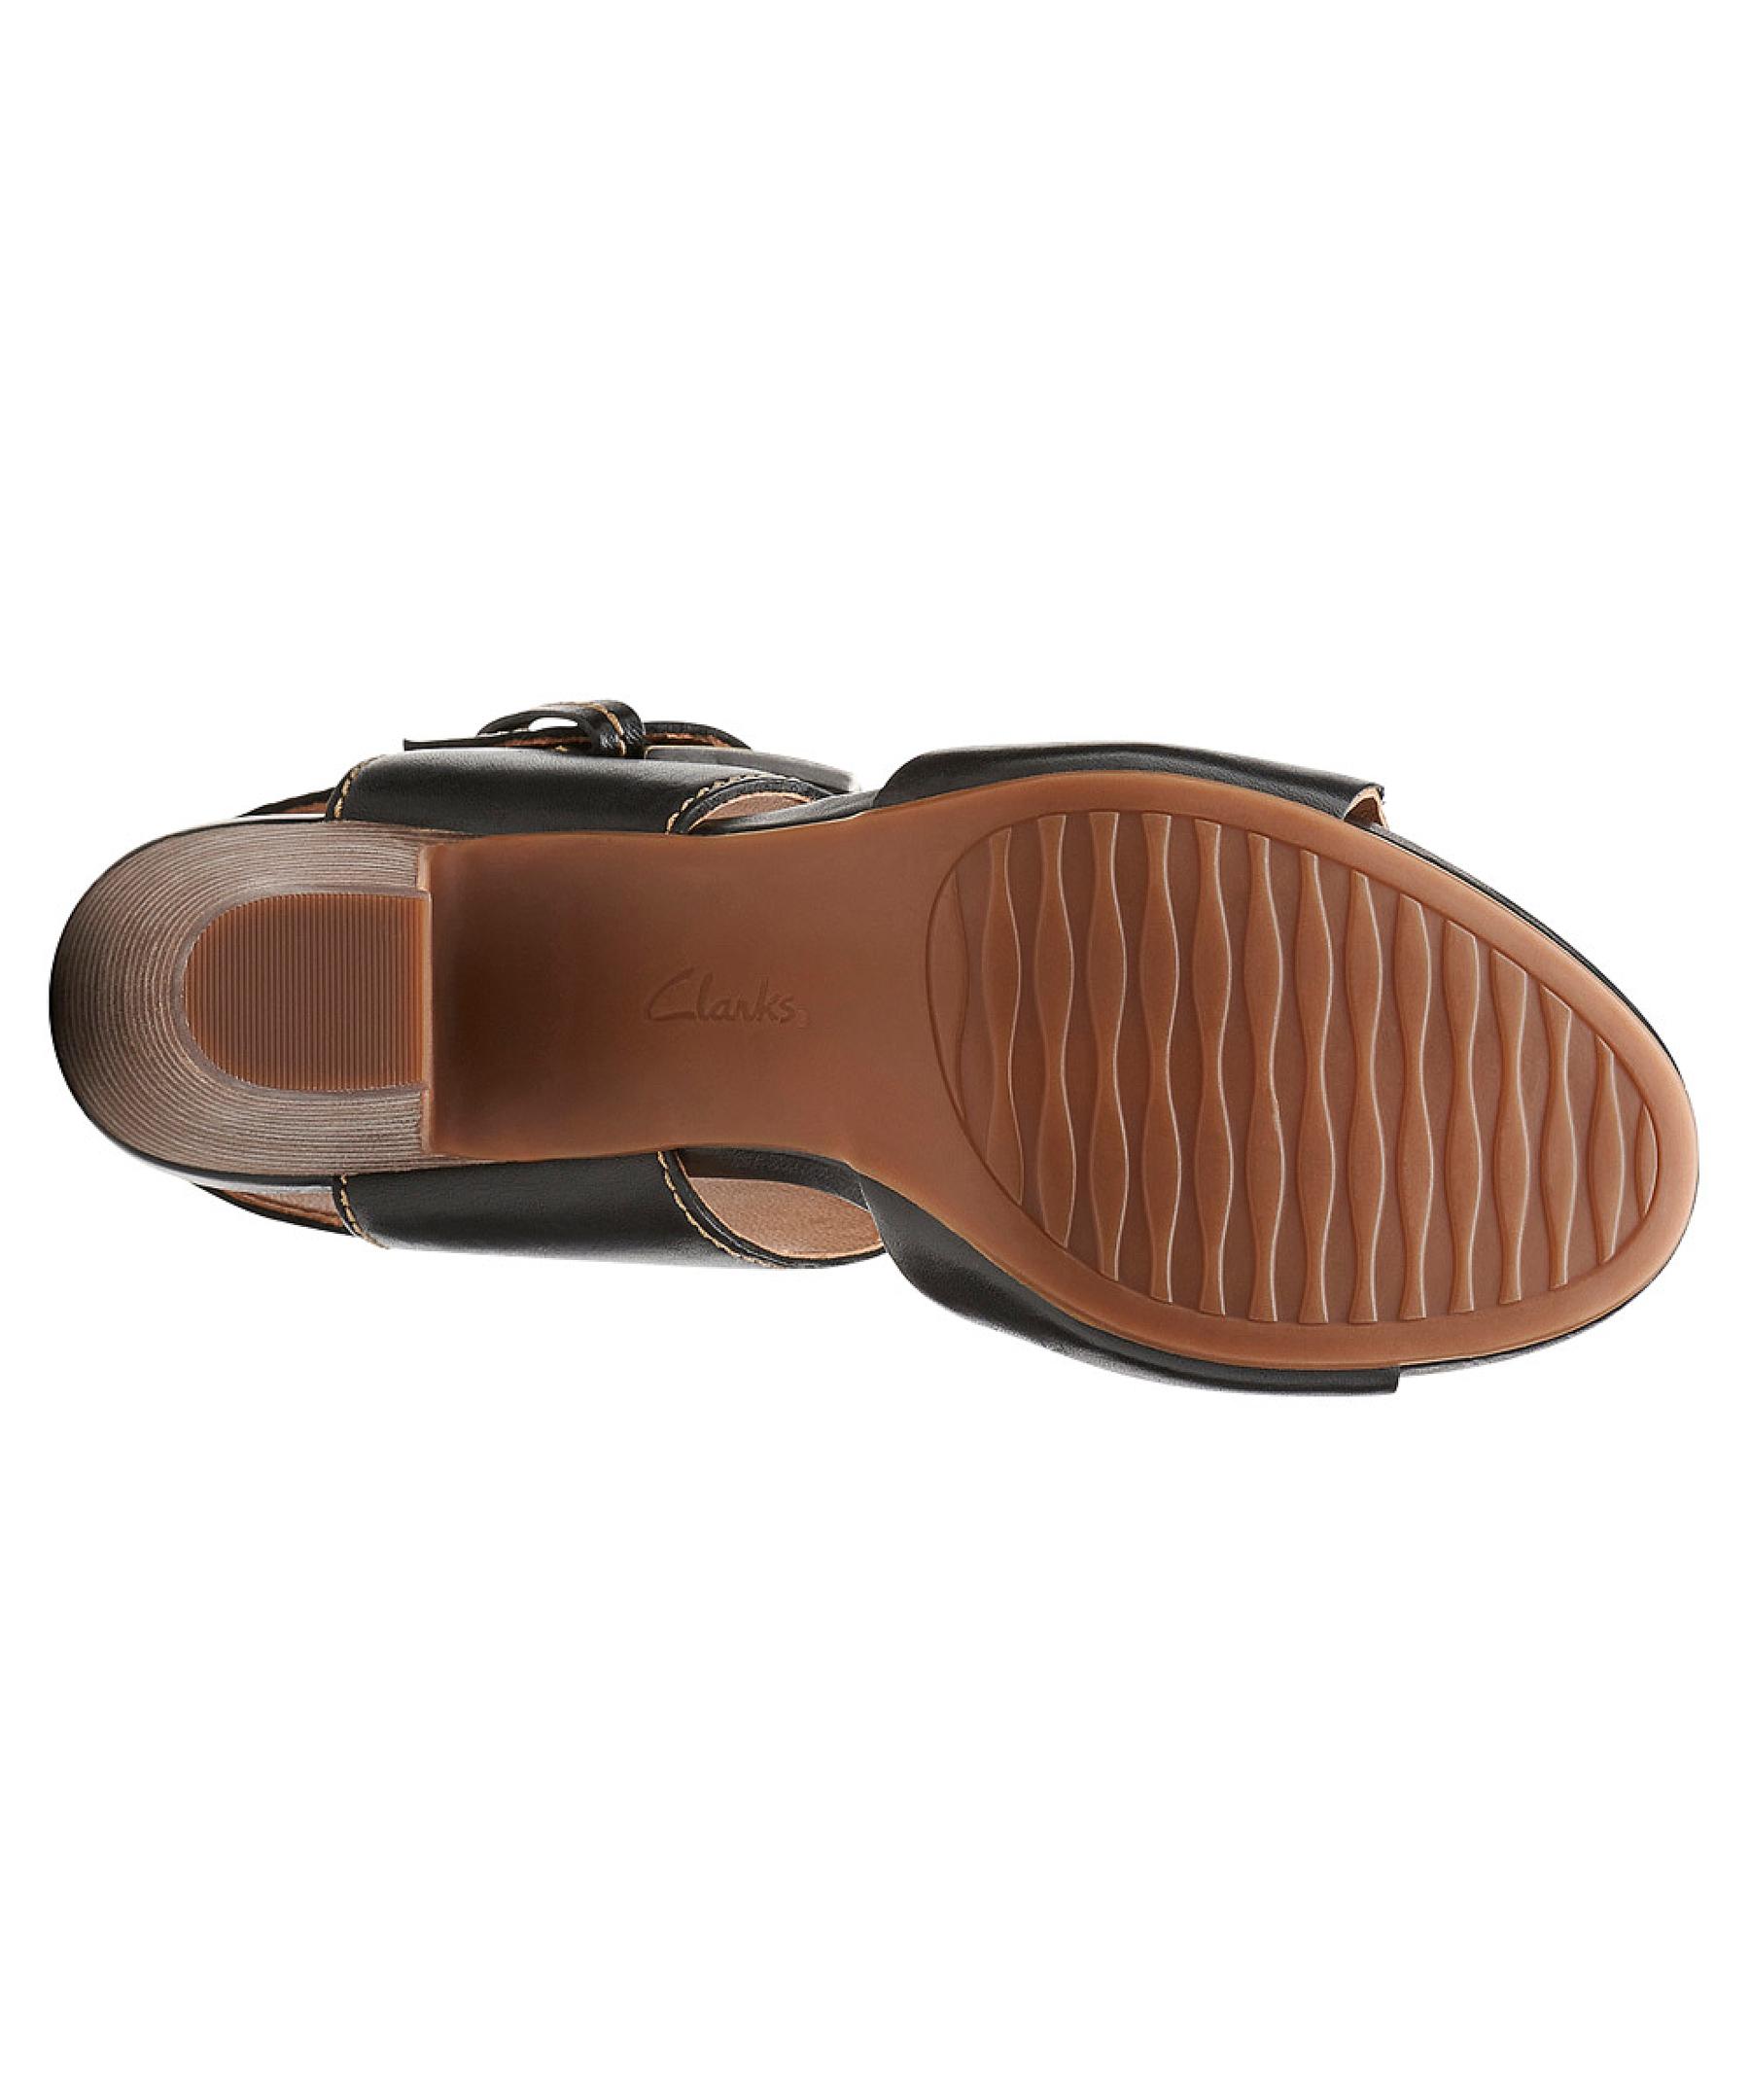 785ea6e7a57 Lyst - Clarks Women s Okena Mod Sandals in Black